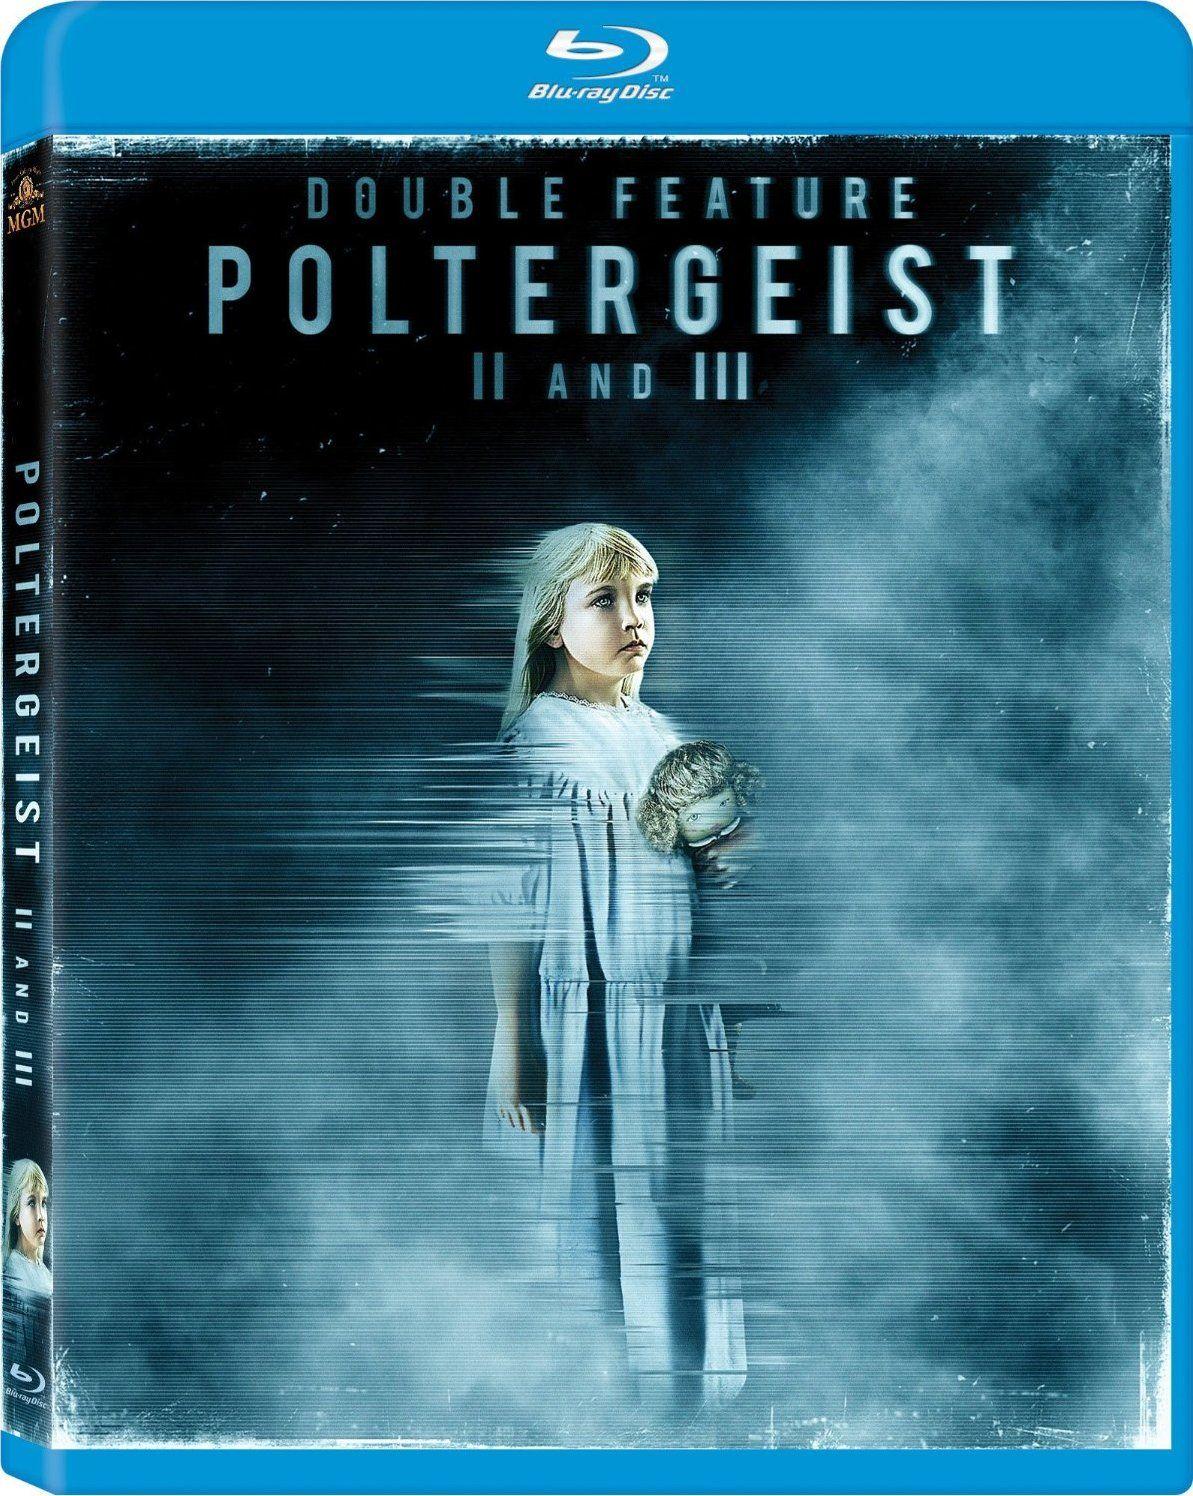 Poltergeist II & III (Blu-ray)